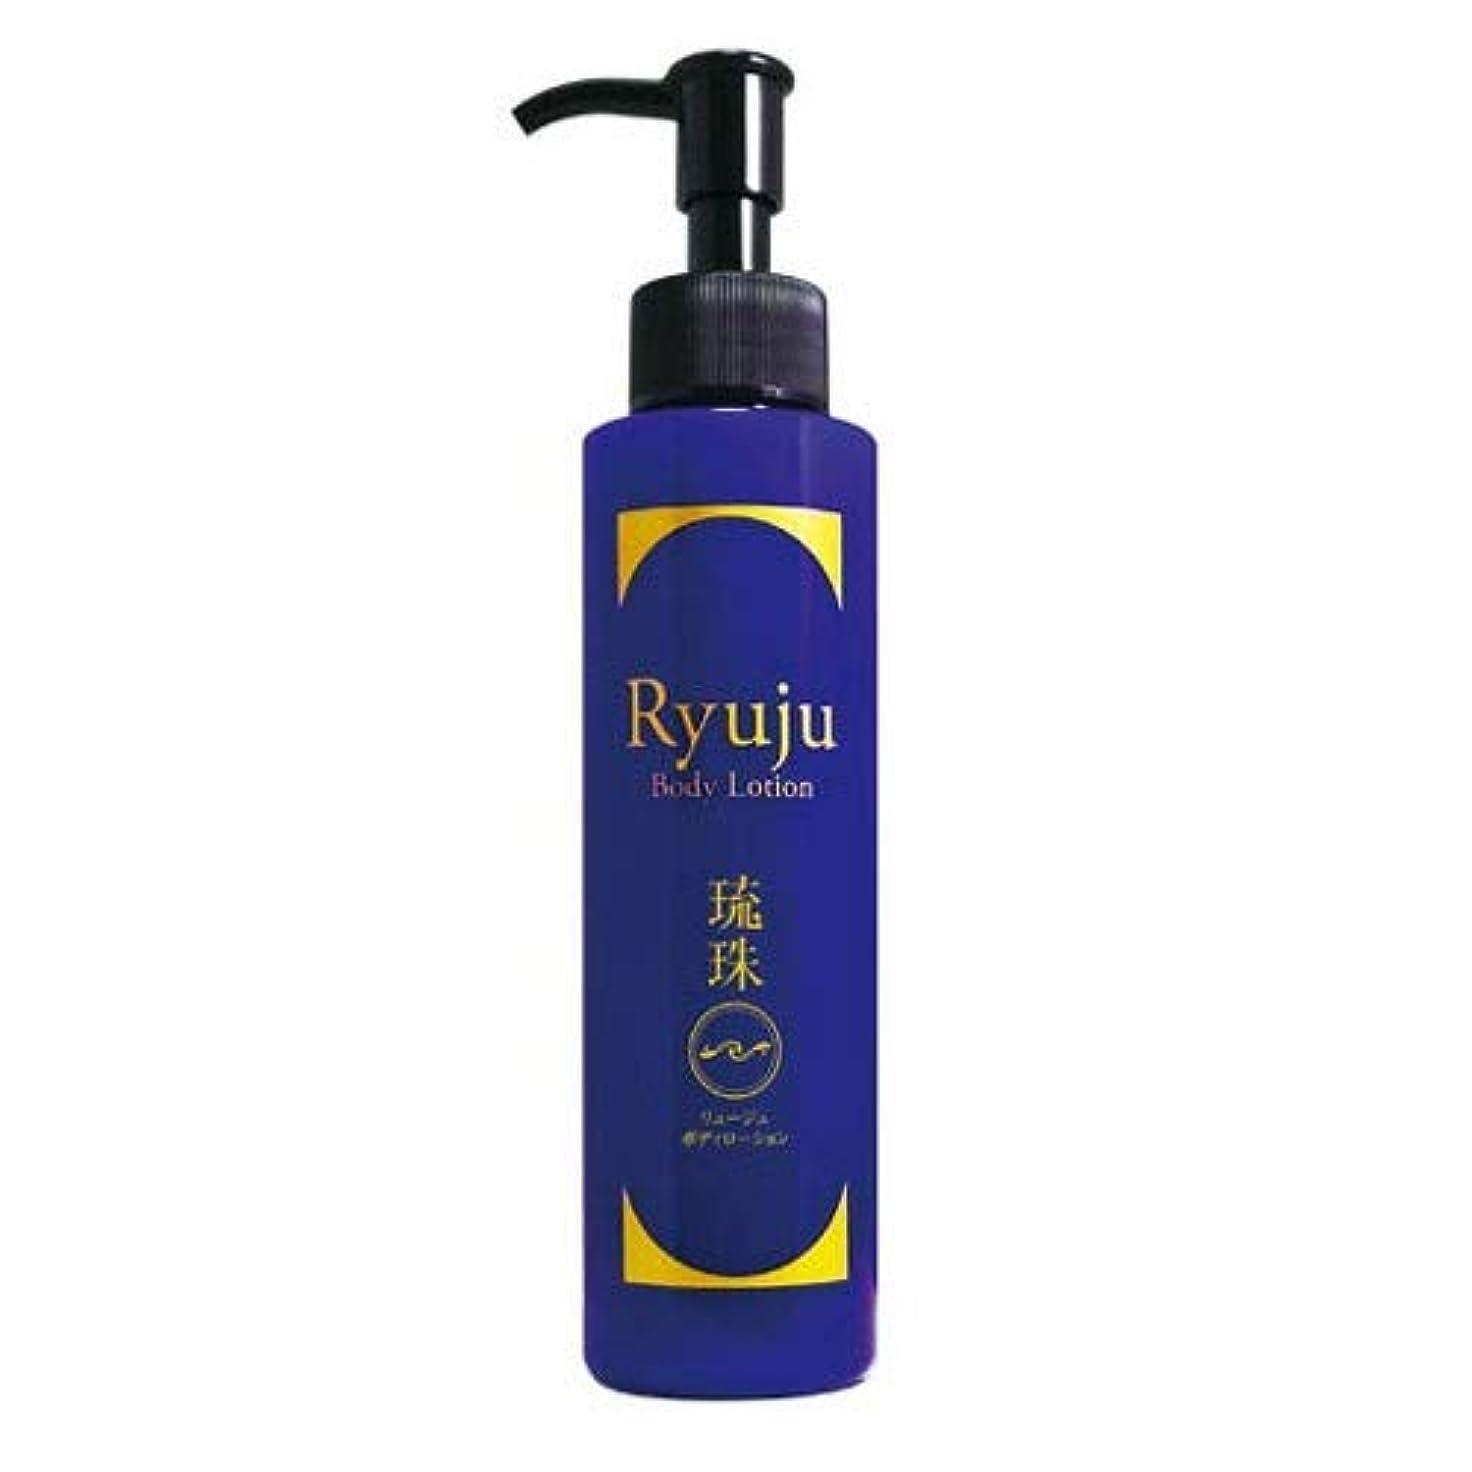 これまでとまり木でも琉珠 ボディローション 150ml Ryuju Body Lortion